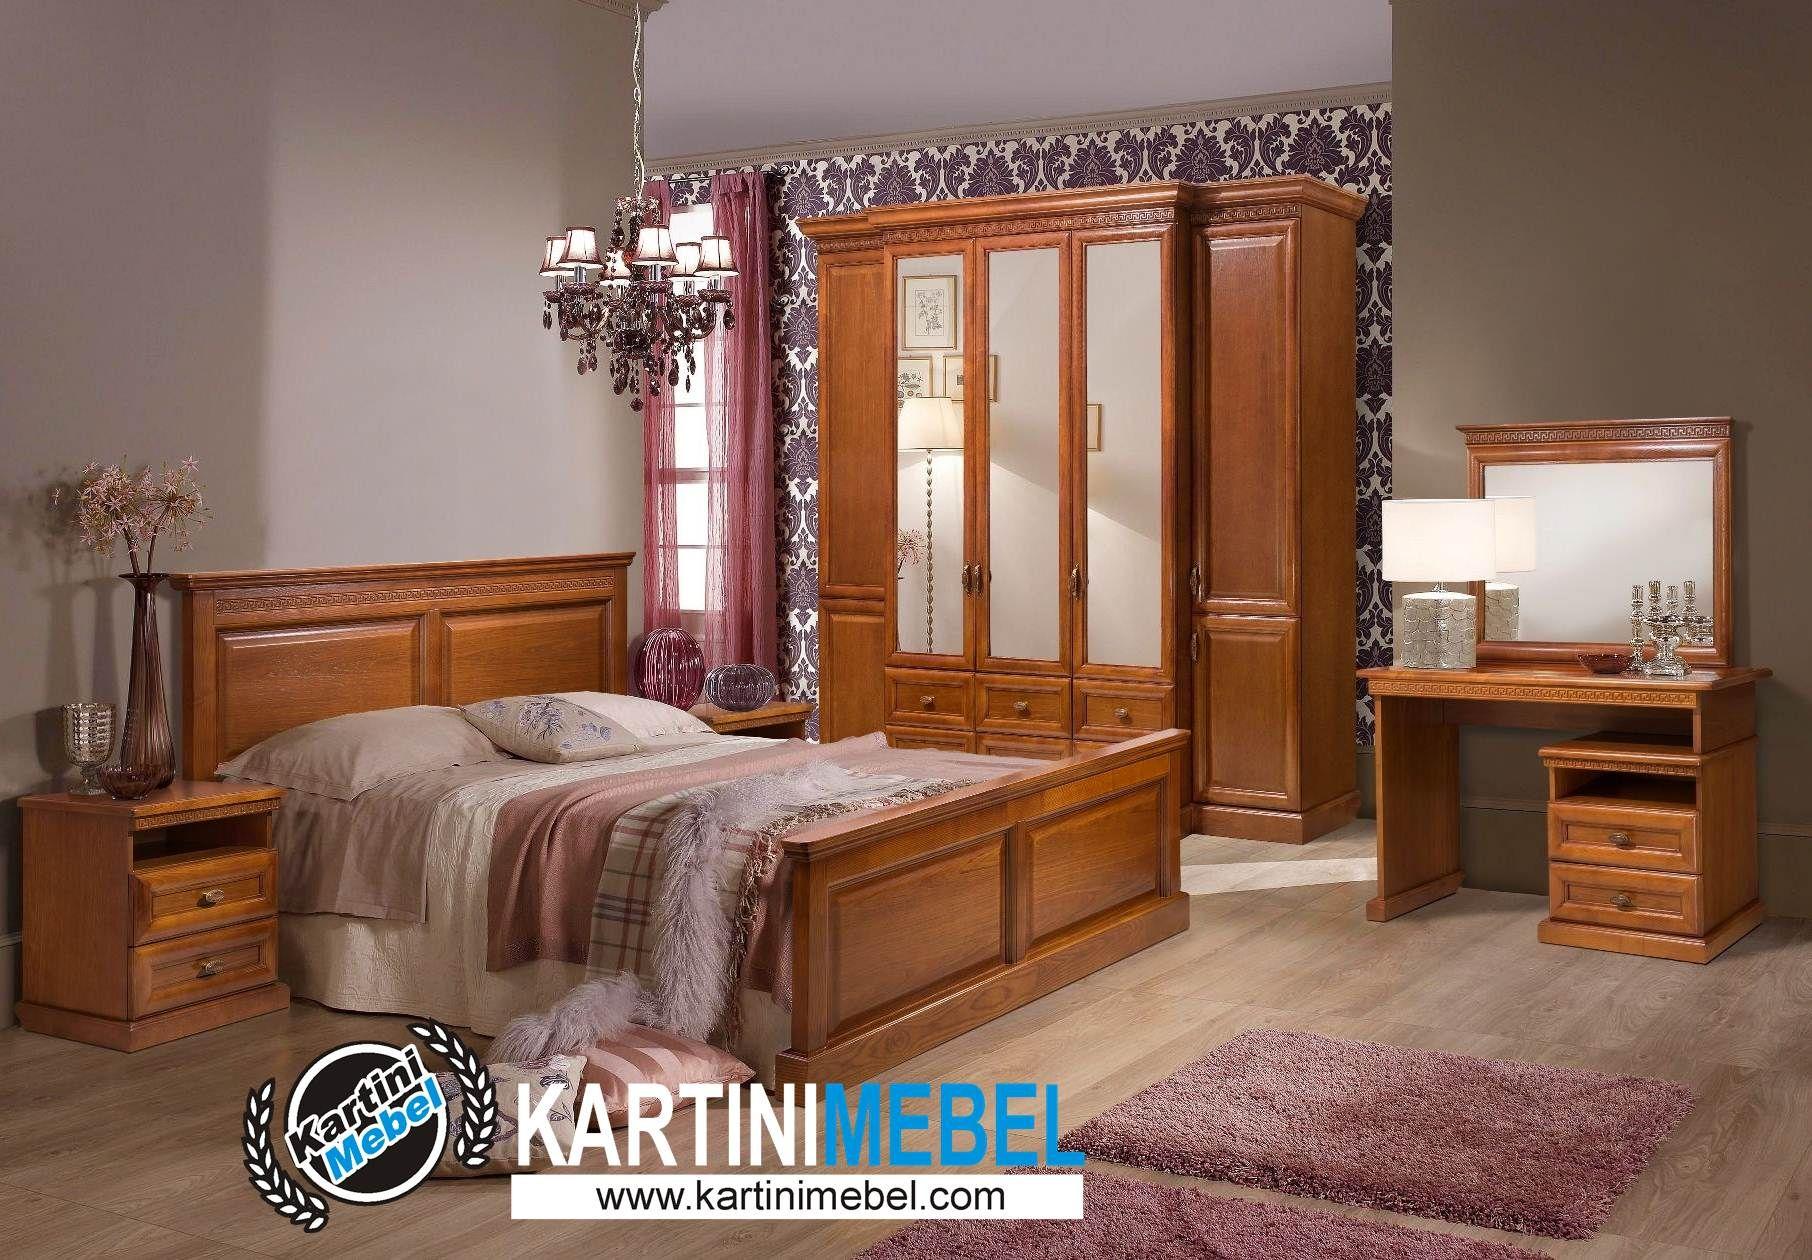 Harga set tempat tidur kayu jati minimais